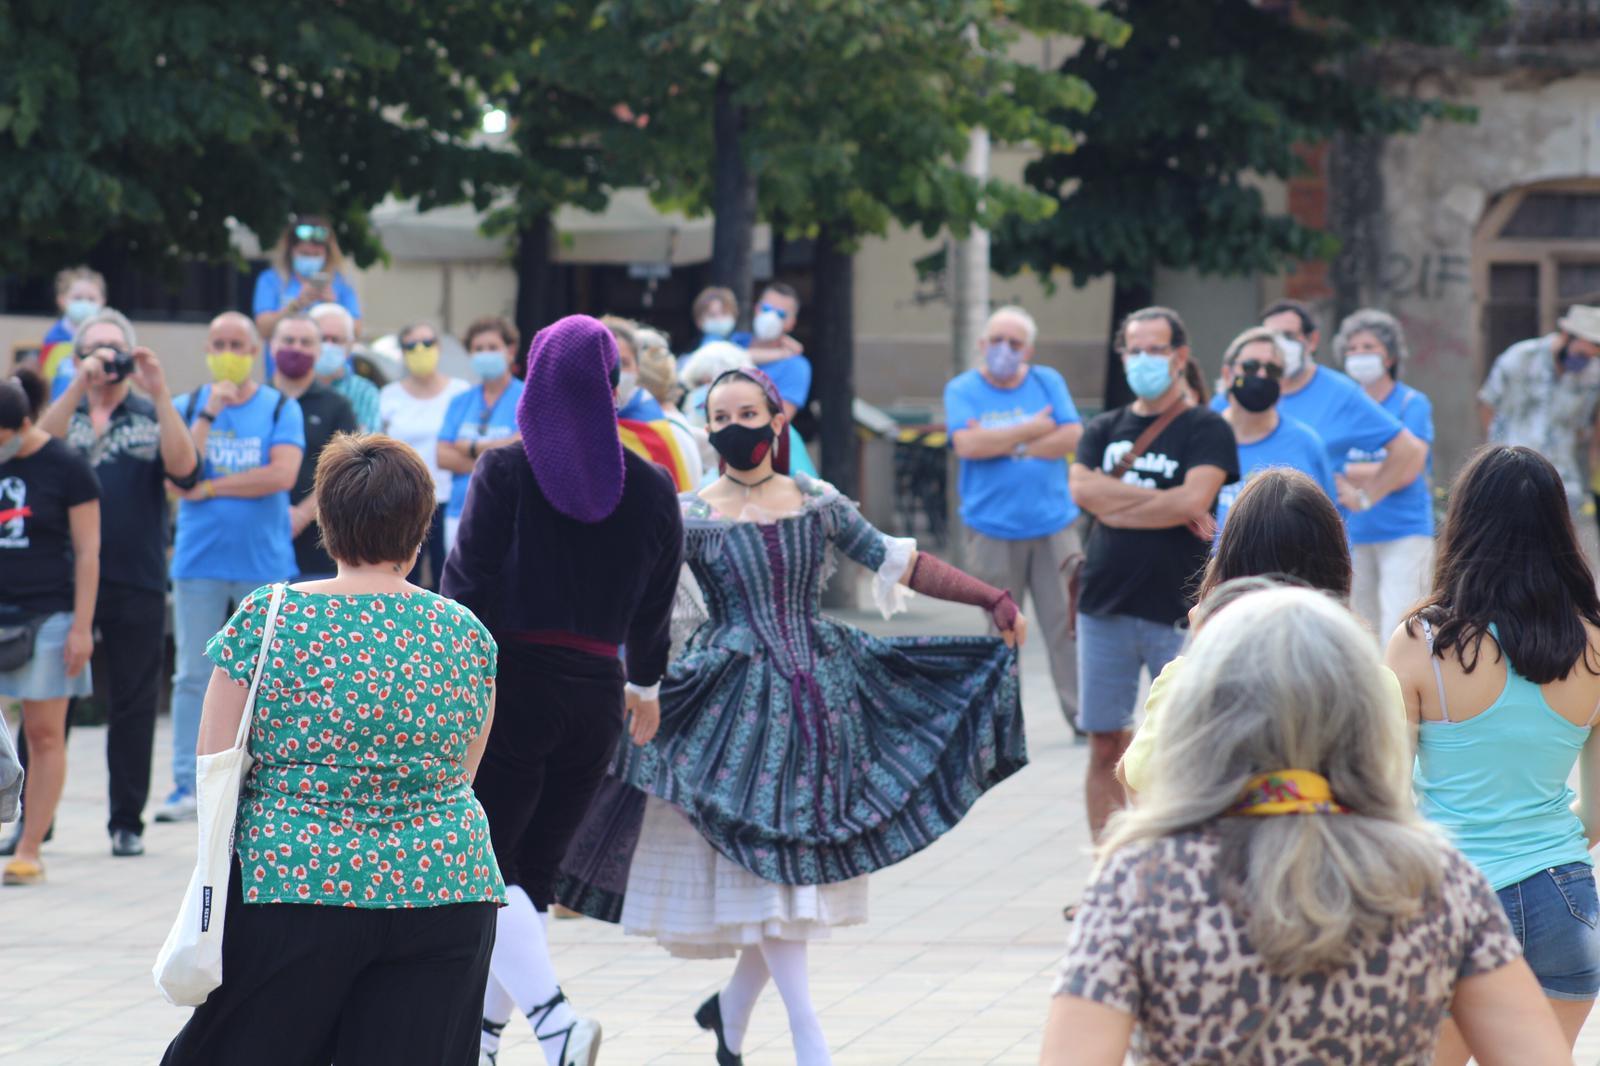 Ballada de l'Esbart Dansaire a la concentració a la plaça Doctor Guardiet. FOTO: Andrea Martínez